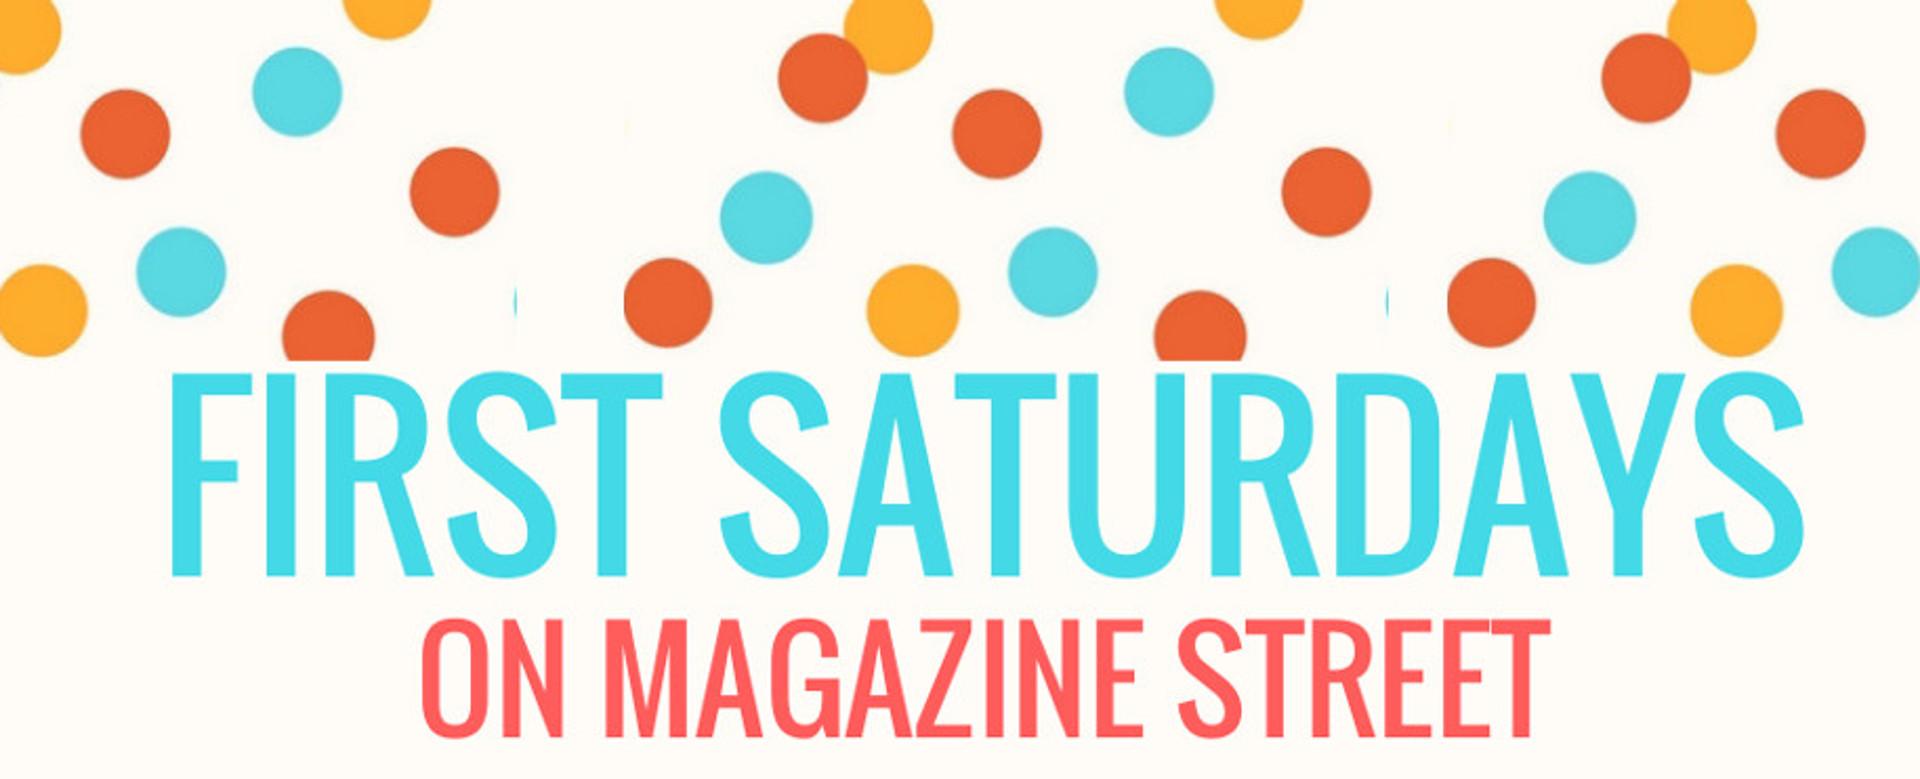 First Saturdays